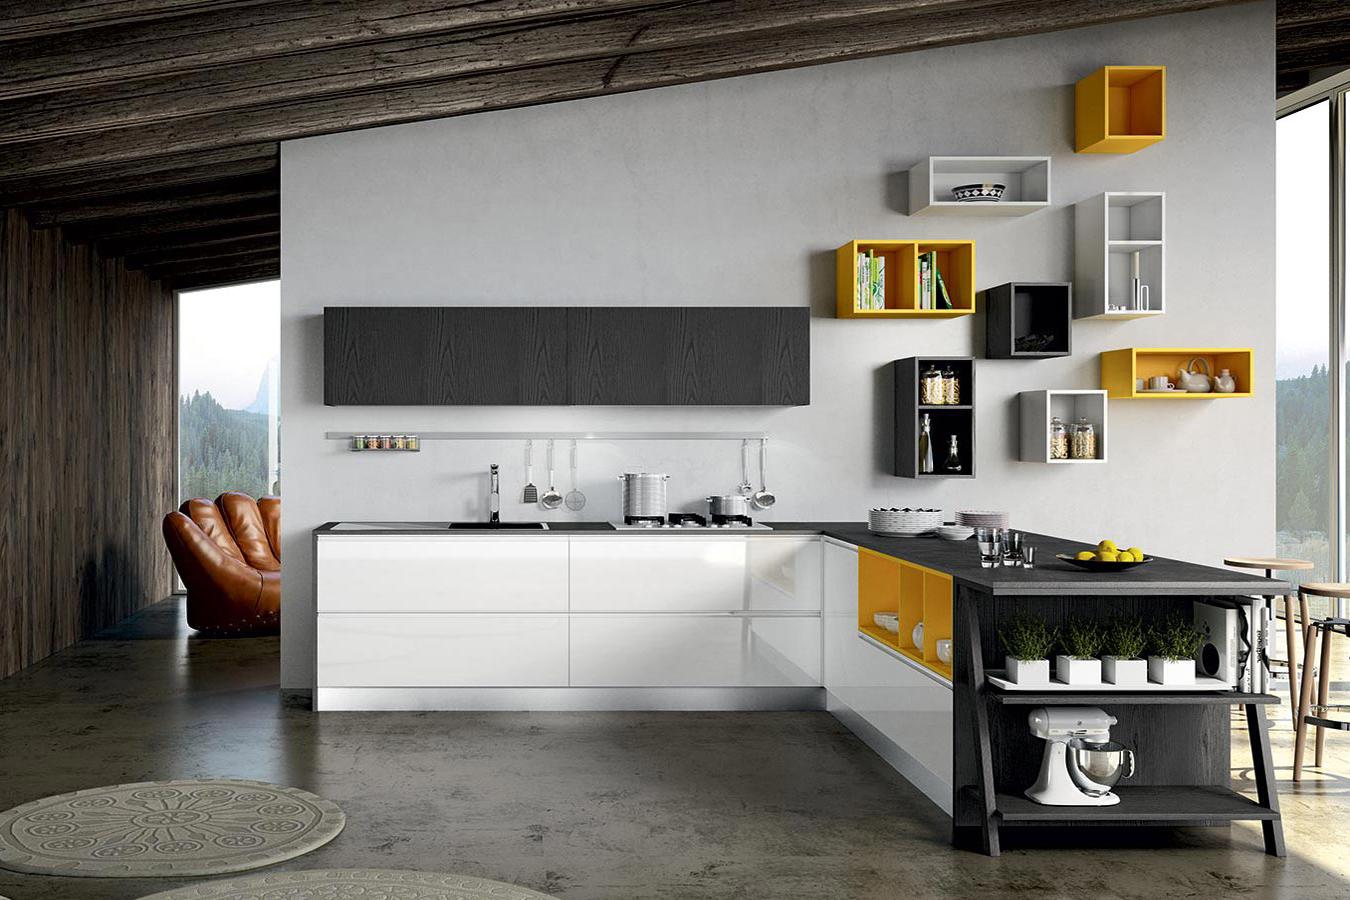 Cucine Piemonte. Elegant Cucine Componibili Cucine Componibili Usate ...